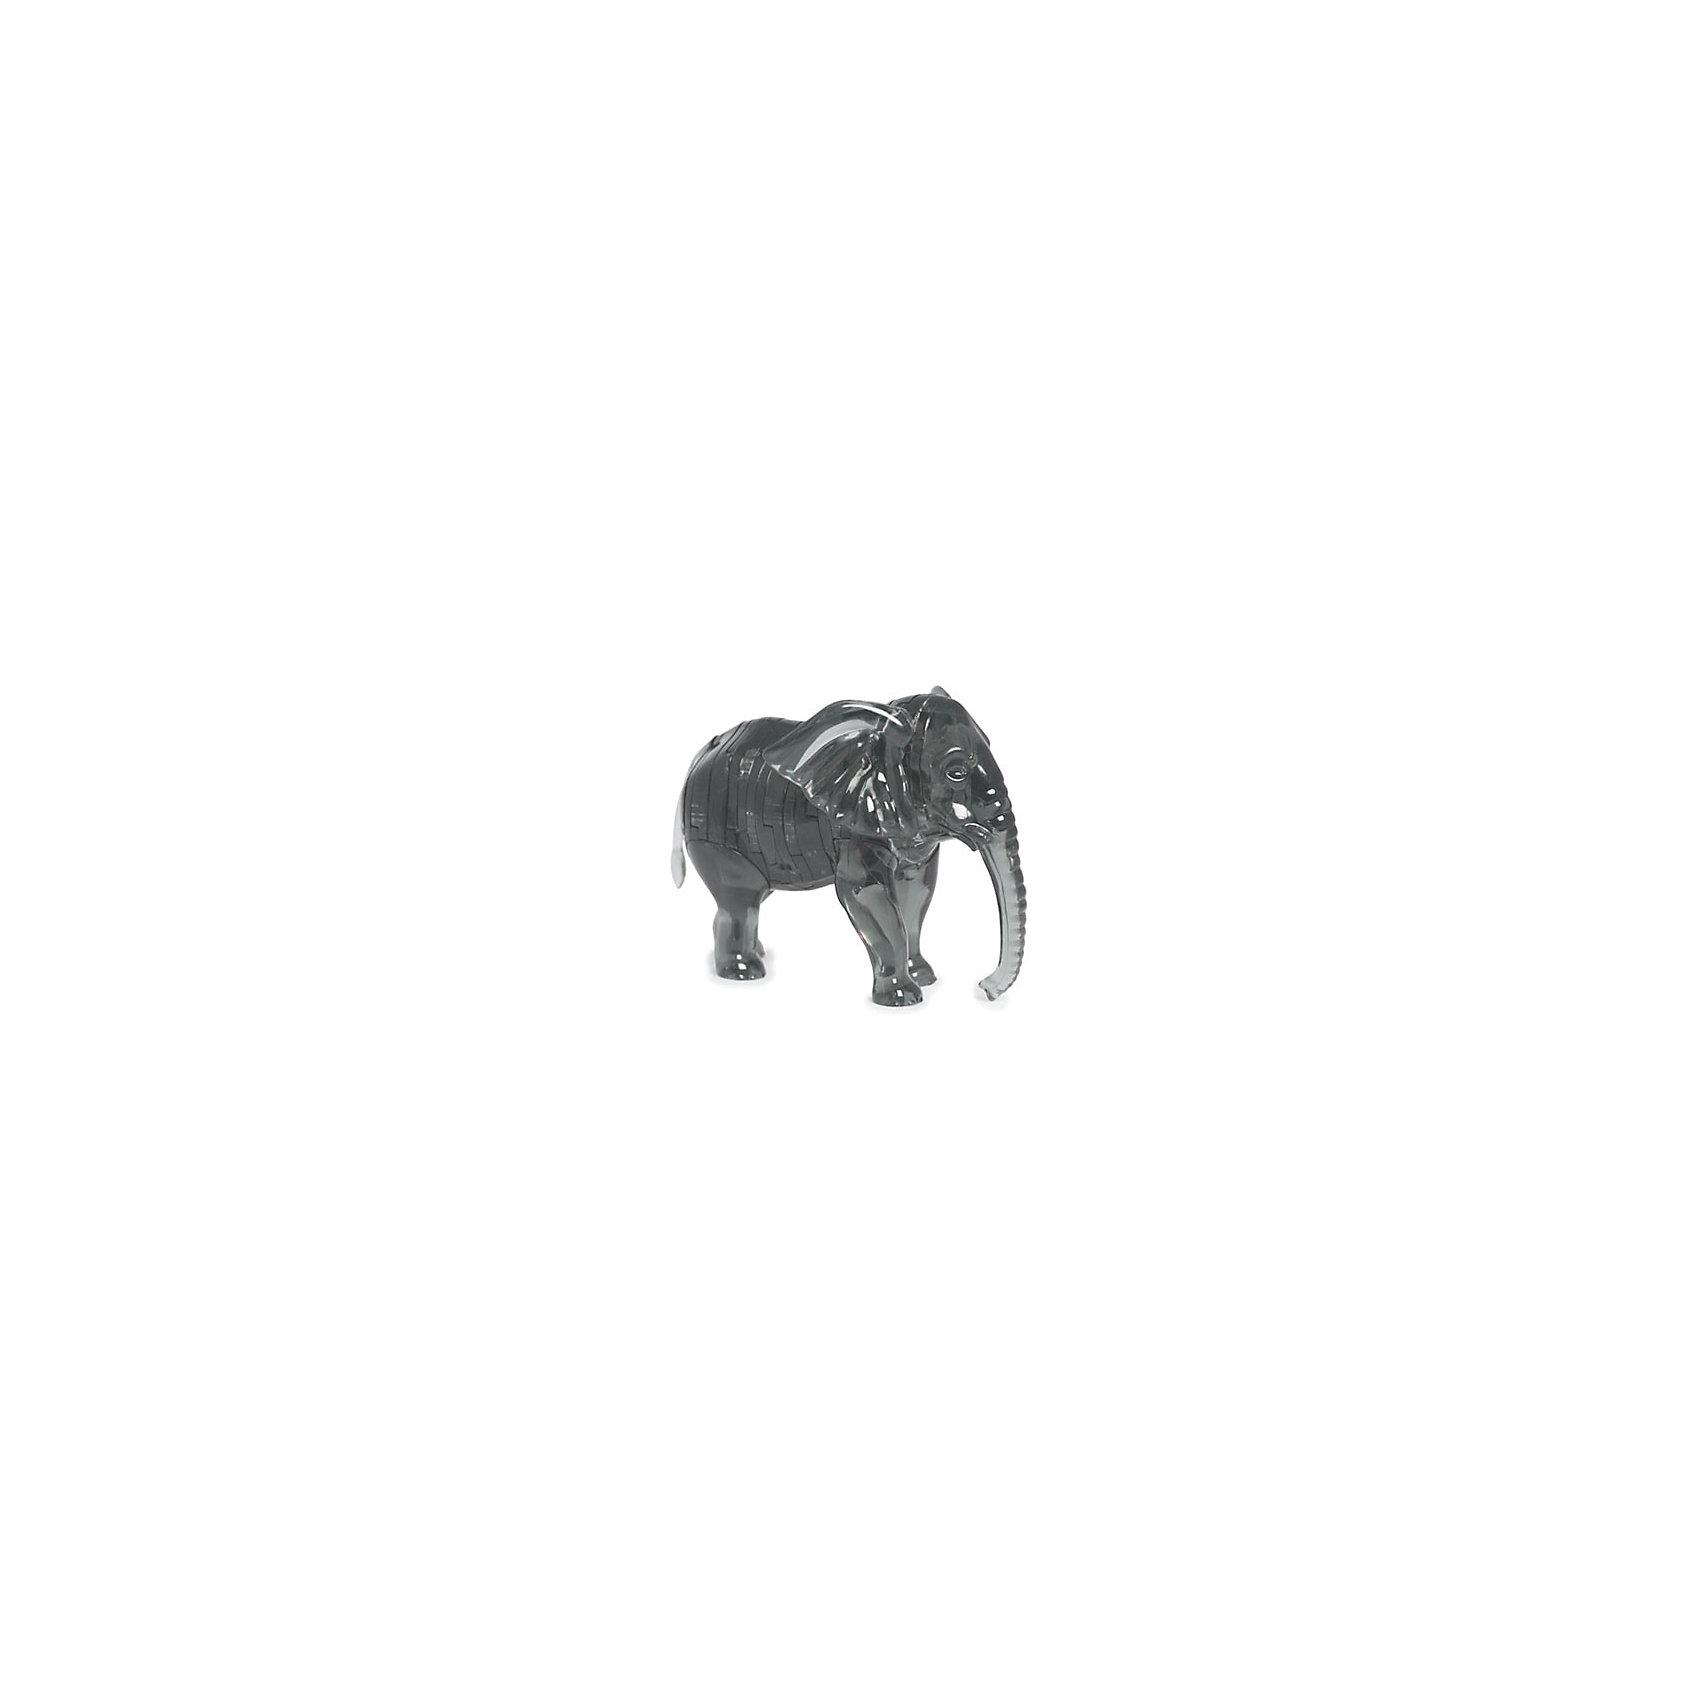 Кристаллический пазл 3D Слон, Crystal PuzzleКристаллический пазл 3D Слон, Crystal Puzzle (Кристал Пазл)<br><br>Характеристики:<br><br>• яркий объемный пазл<br>• размер готовой фигурки: 9 см<br>• количество деталей: 40<br>• высокая сложность<br>• размер упаковки: 5х14х10 см<br>• вес: 163 грамма<br>• материал: пластик<br><br>3D пазл Слон - прекрасный выбор для заядлых любителей головоломок. В комплект входят 40 небольших деталей, которые вам предстоит собрать по номерам, согласно инструкции. Готовая фигурка - сверкающий слон высотой 9 сантиметров. Она отлично украсит интерьер вашего дома или подойдет в качестве подарка. К тому же, собирание пазлов поможет развить логическое, пространственное мышление и внимательность.<br><br>Кристаллический пазл 3D Слон, Crystal Puzzle (Кристал Пазл) вы можете купить в нашем интернет-магазине.<br><br>Ширина мм: 100<br>Глубина мм: 140<br>Высота мм: 50<br>Вес г: 163<br>Возраст от месяцев: 120<br>Возраст до месяцев: 2147483647<br>Пол: Унисекс<br>Возраст: Детский<br>SKU: 5397231